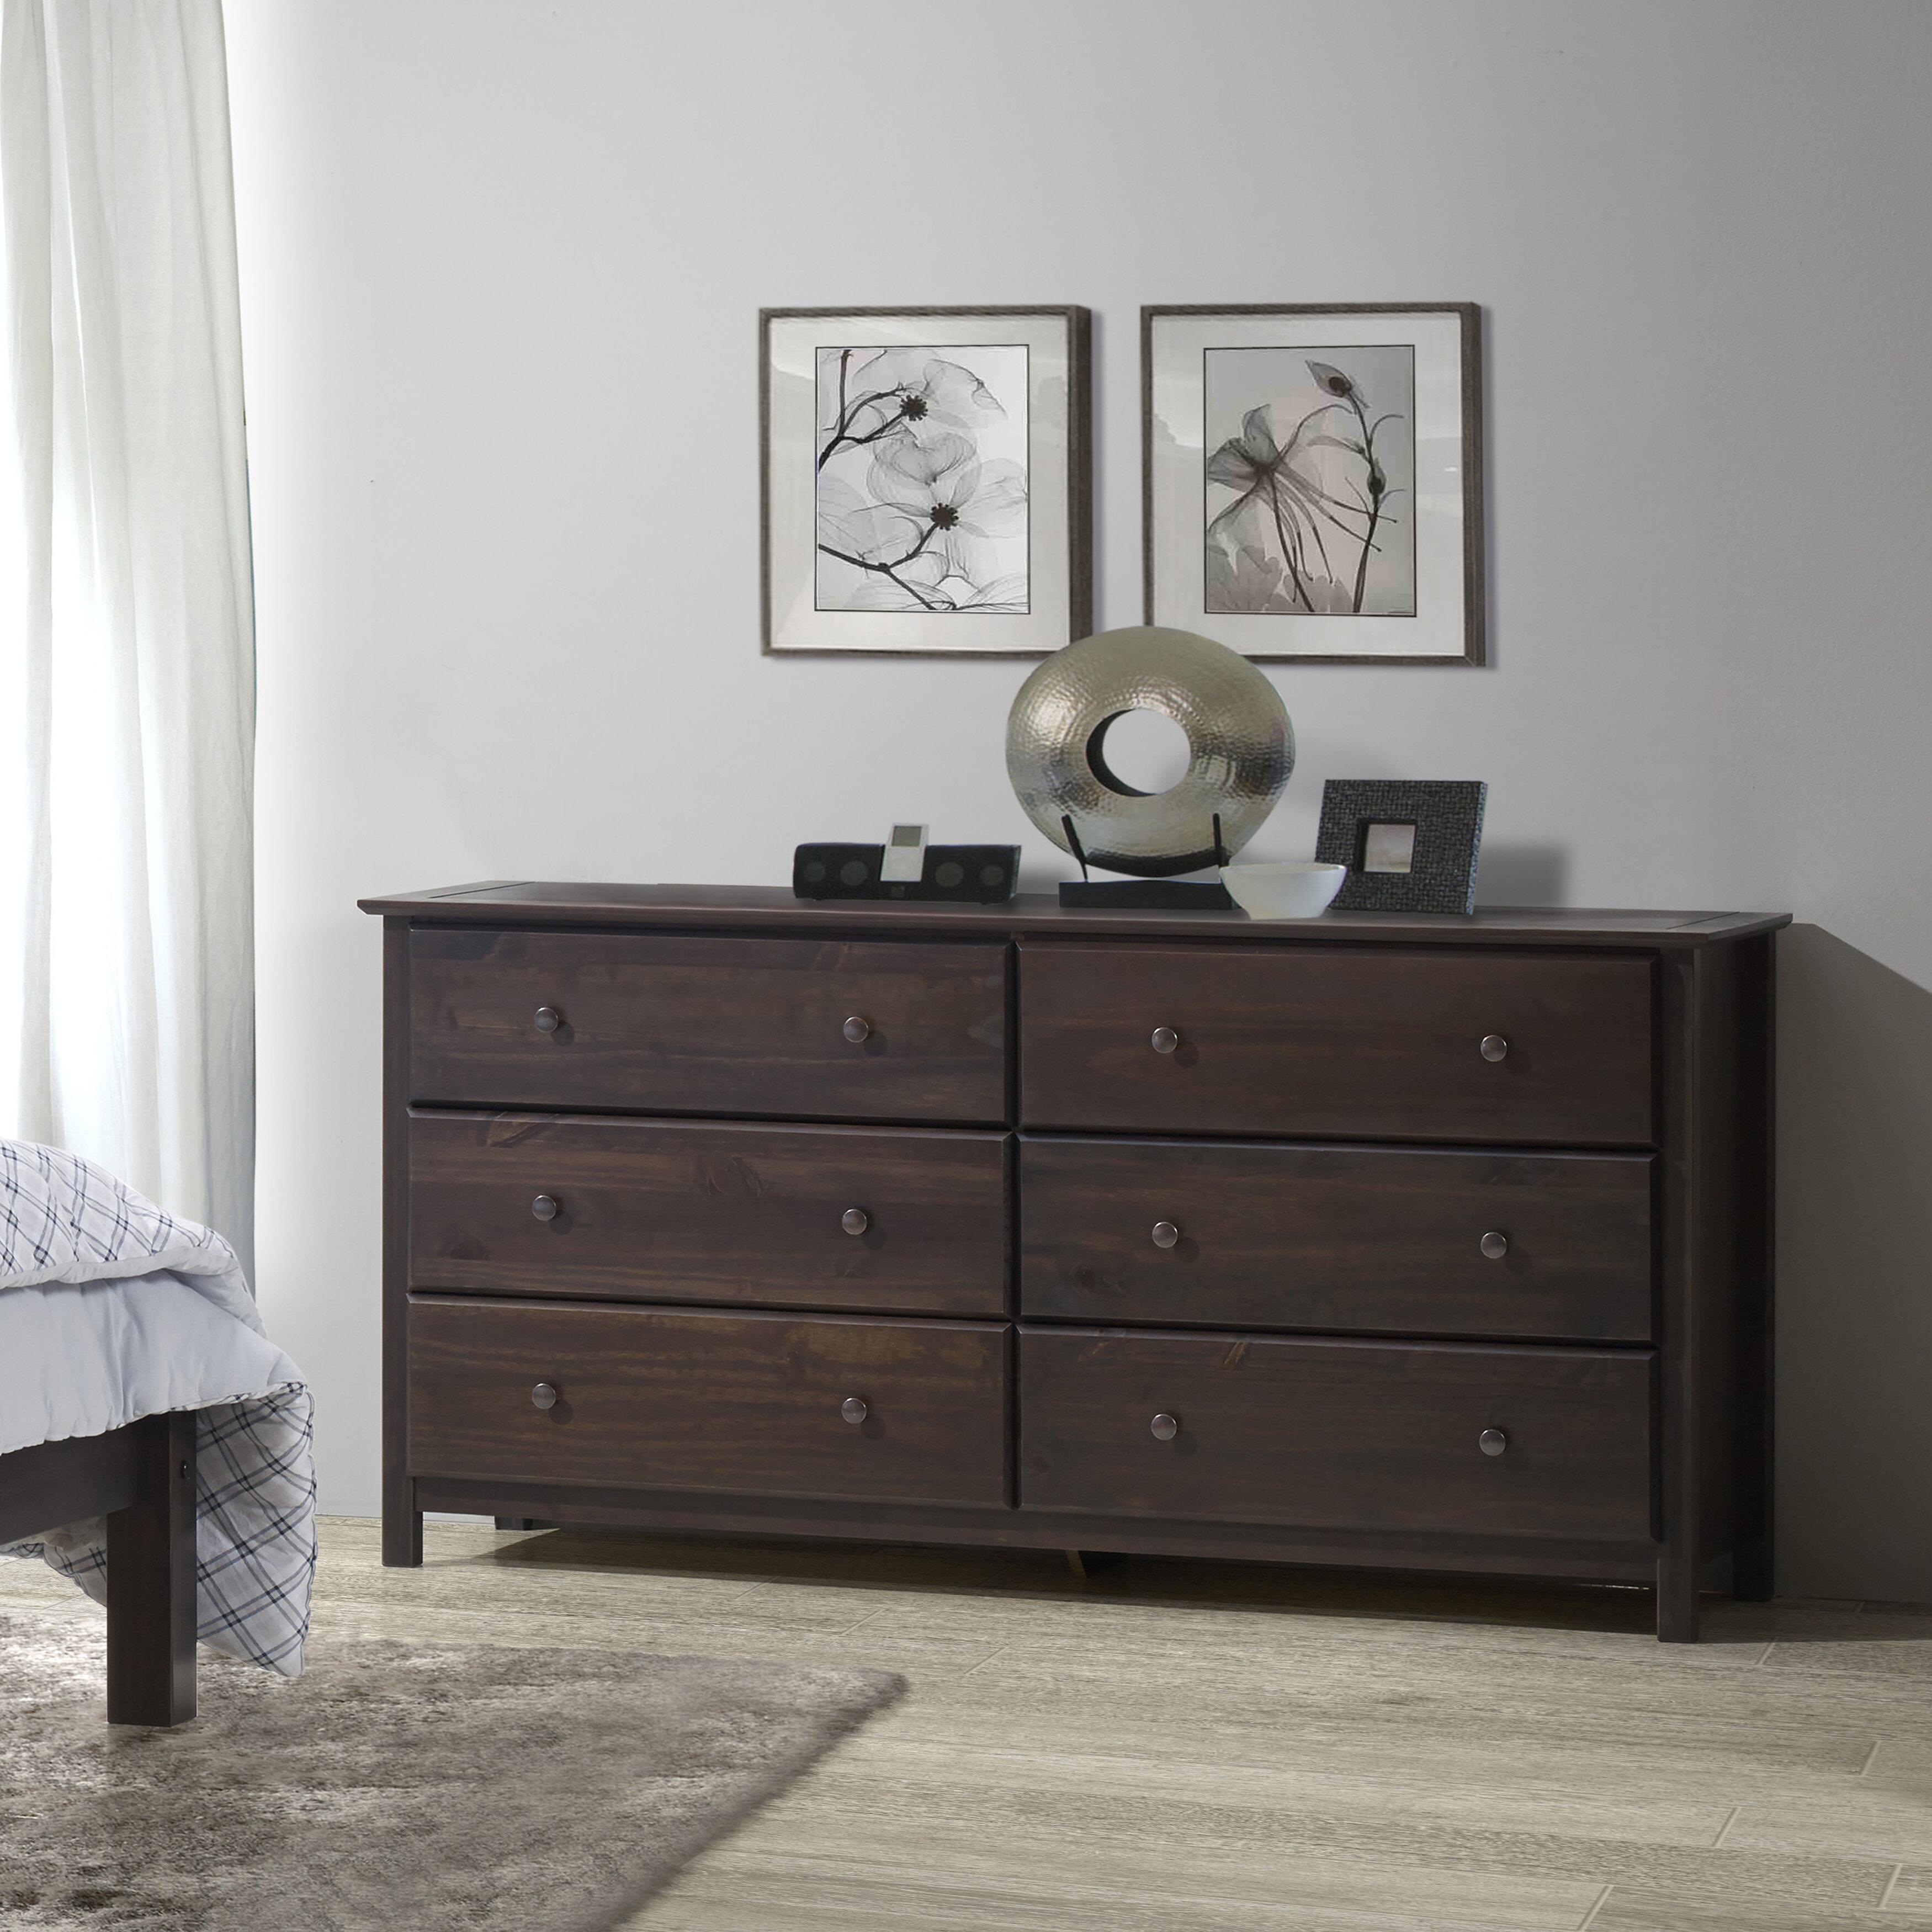 Beau Extra Deep Dresser Drawers   Wayfair